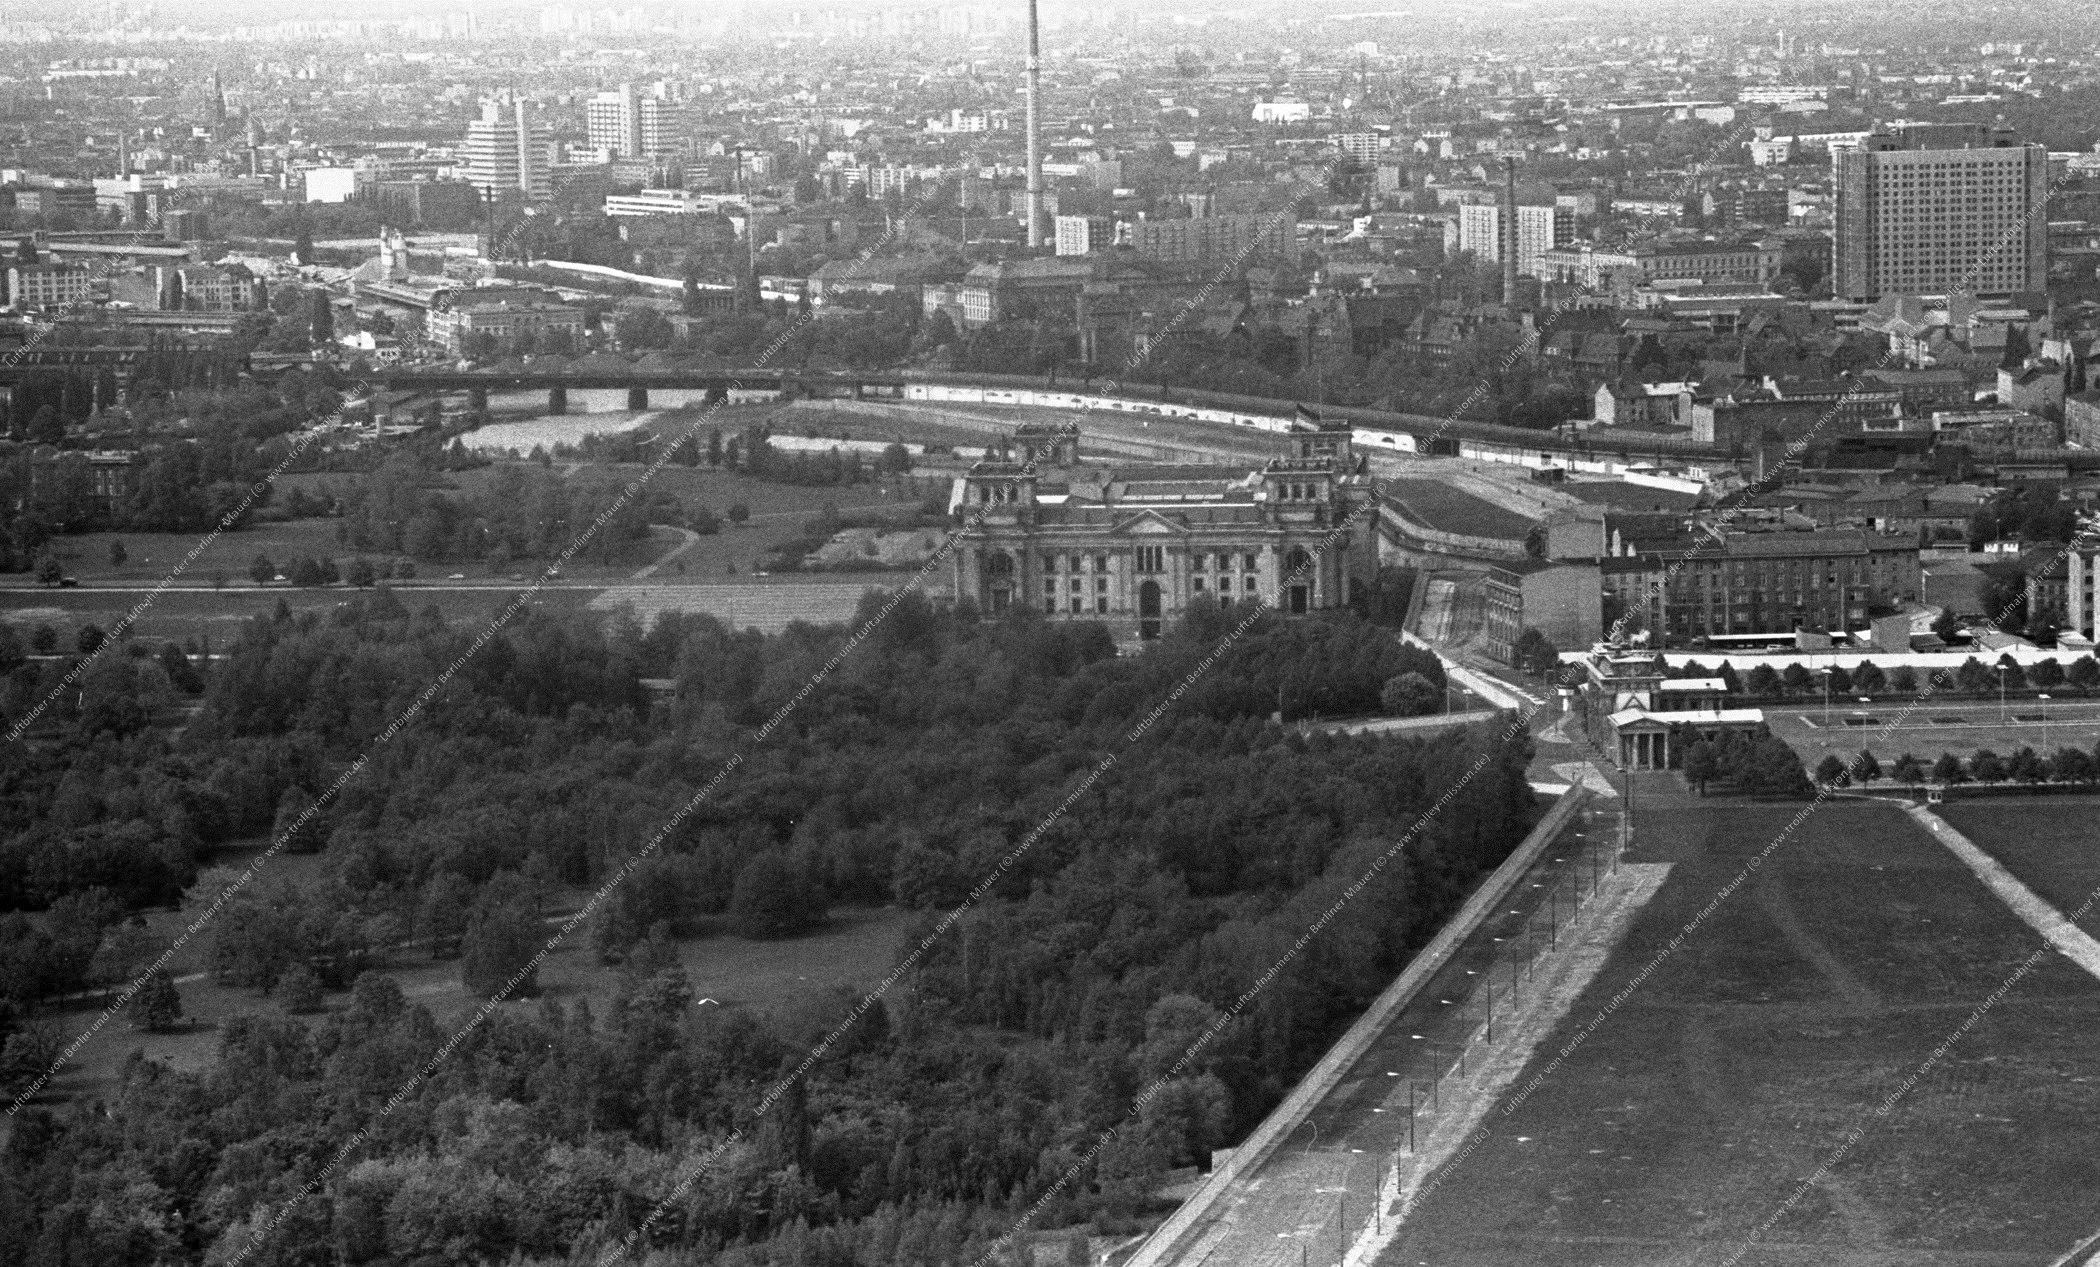 Berlin Luftbild Reichstag vom 12. Mai 1982 (Bild 071)